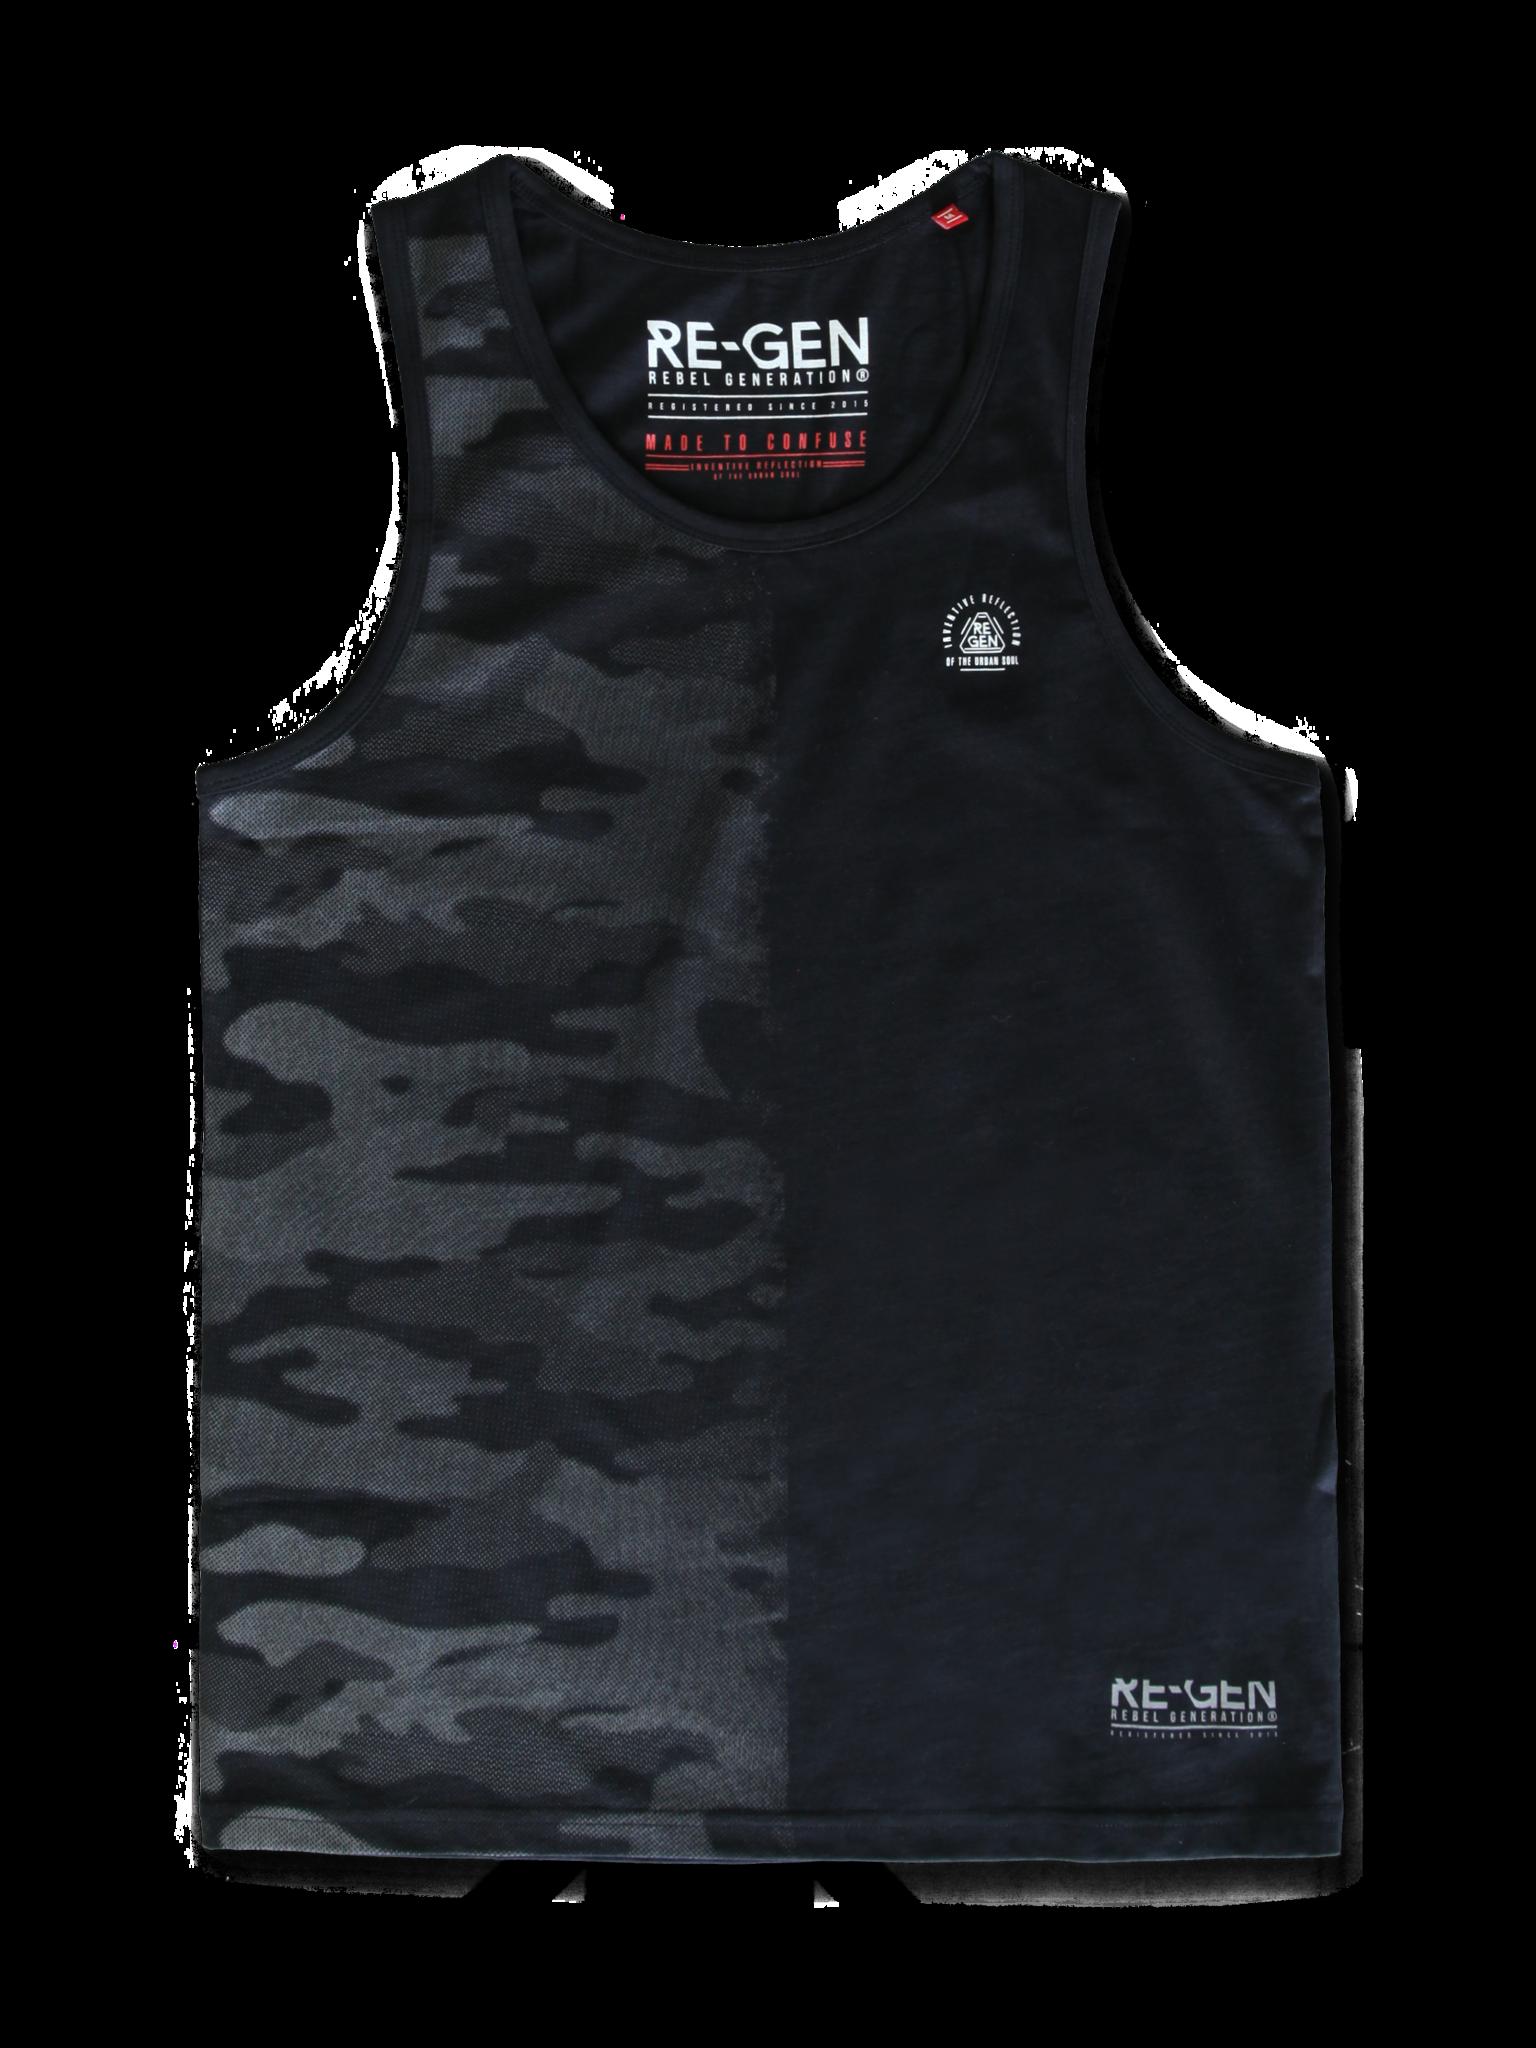 REGEN | Summer 2020 Men | Singlet | 20 pcs/box